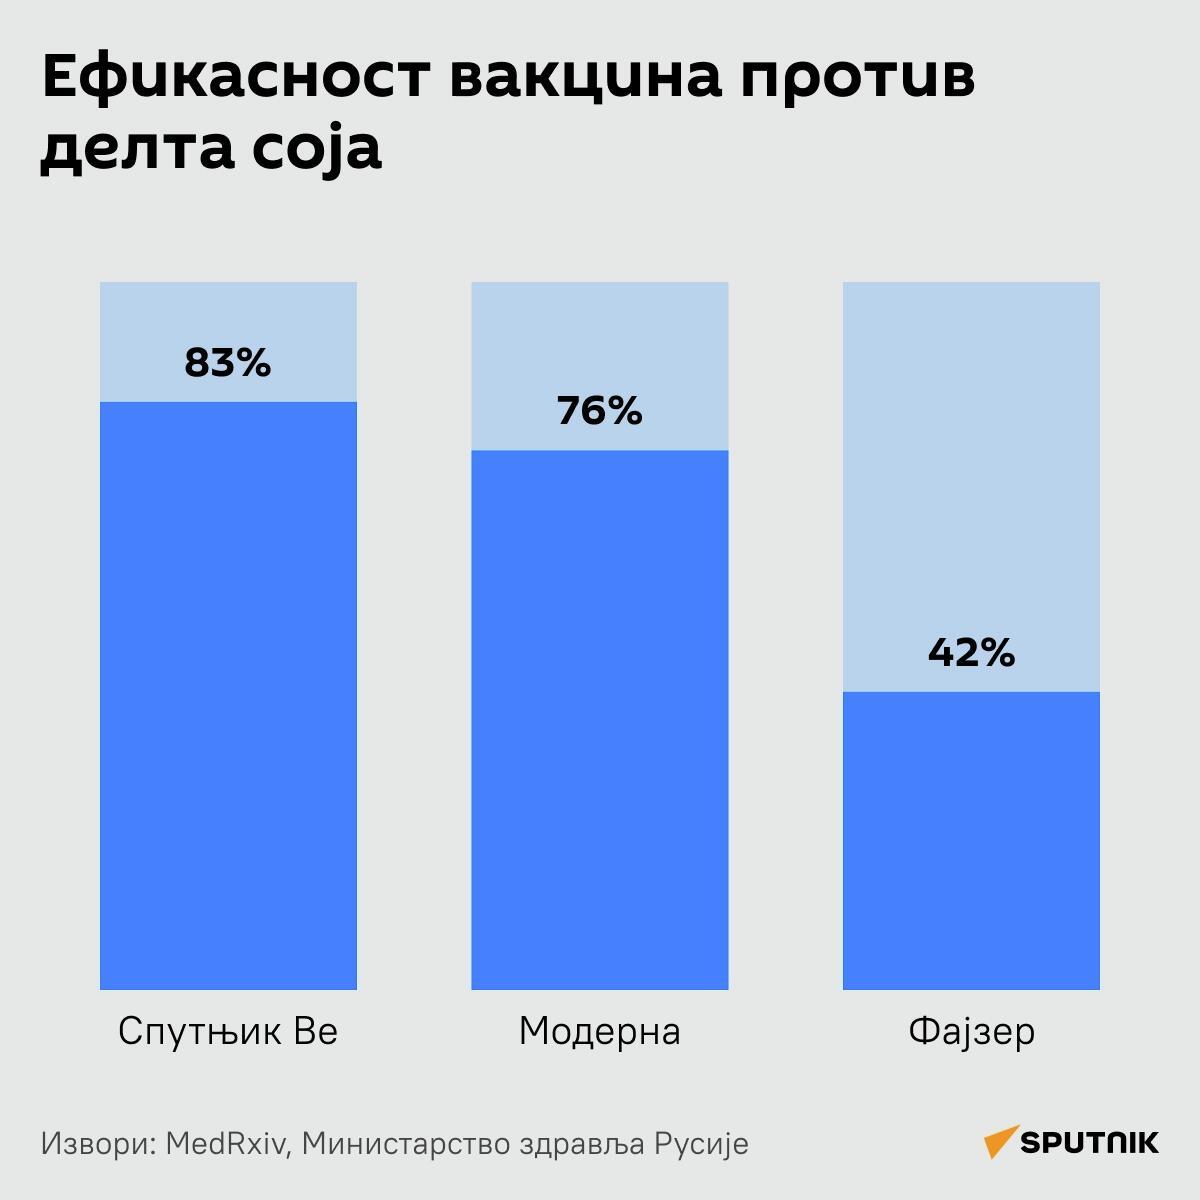 Ефикасност вакцина против делта соја - Sputnik Србија